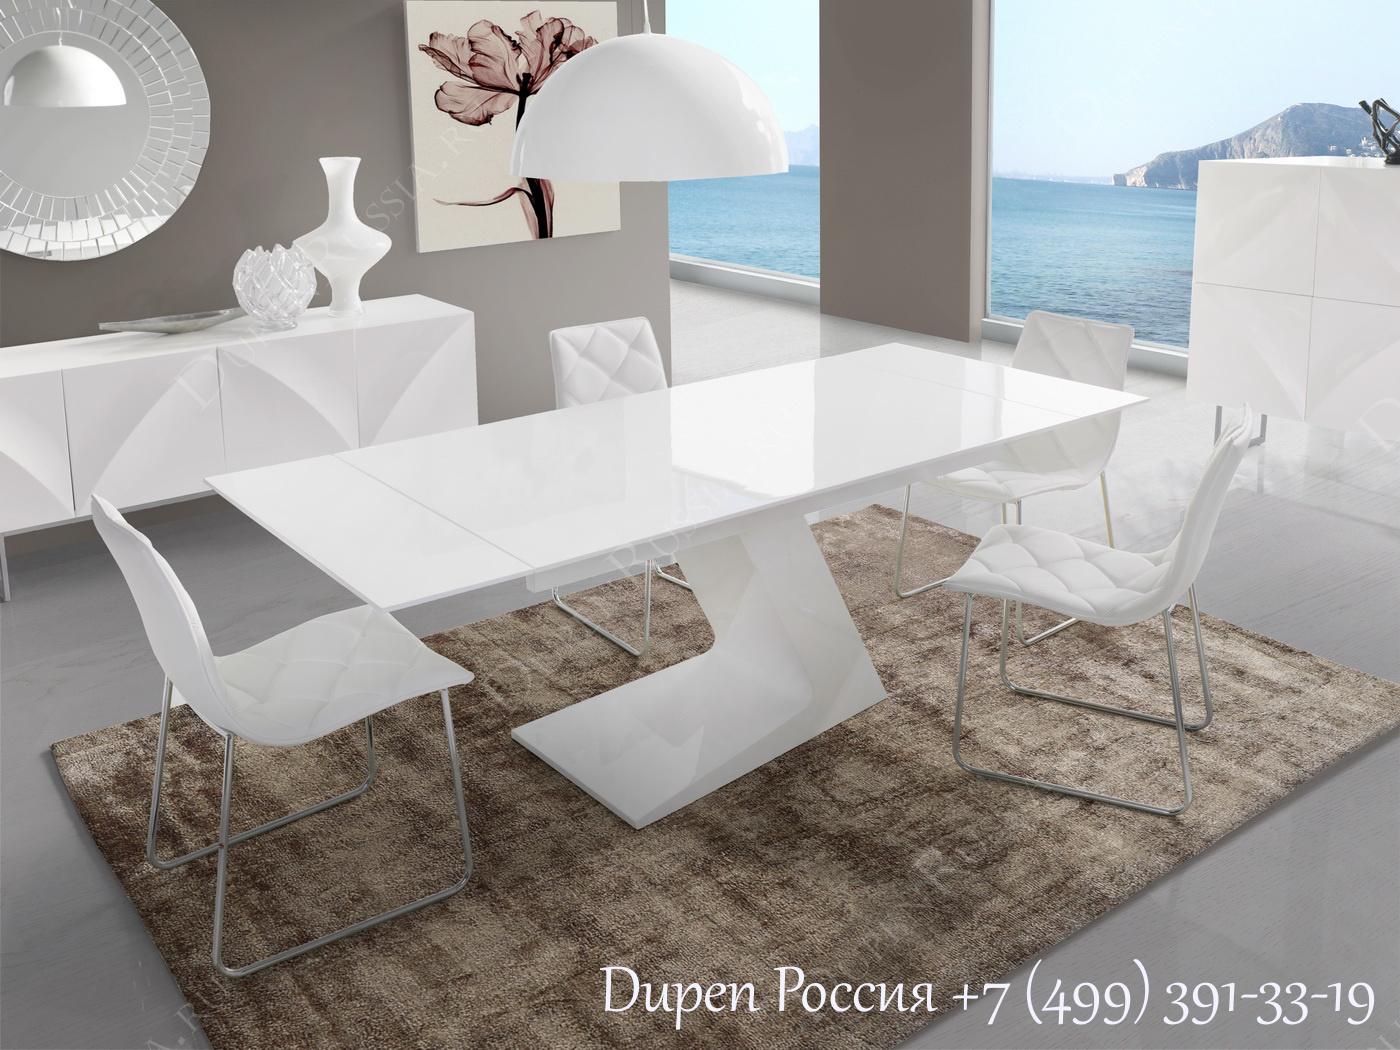 Обеденный стол DUPEN DT-21 Раскладной Белый, стулья DUPEN DC-108, Буфет DUPEN W-101 Белый, Буфет DUPEN W-102 Белый